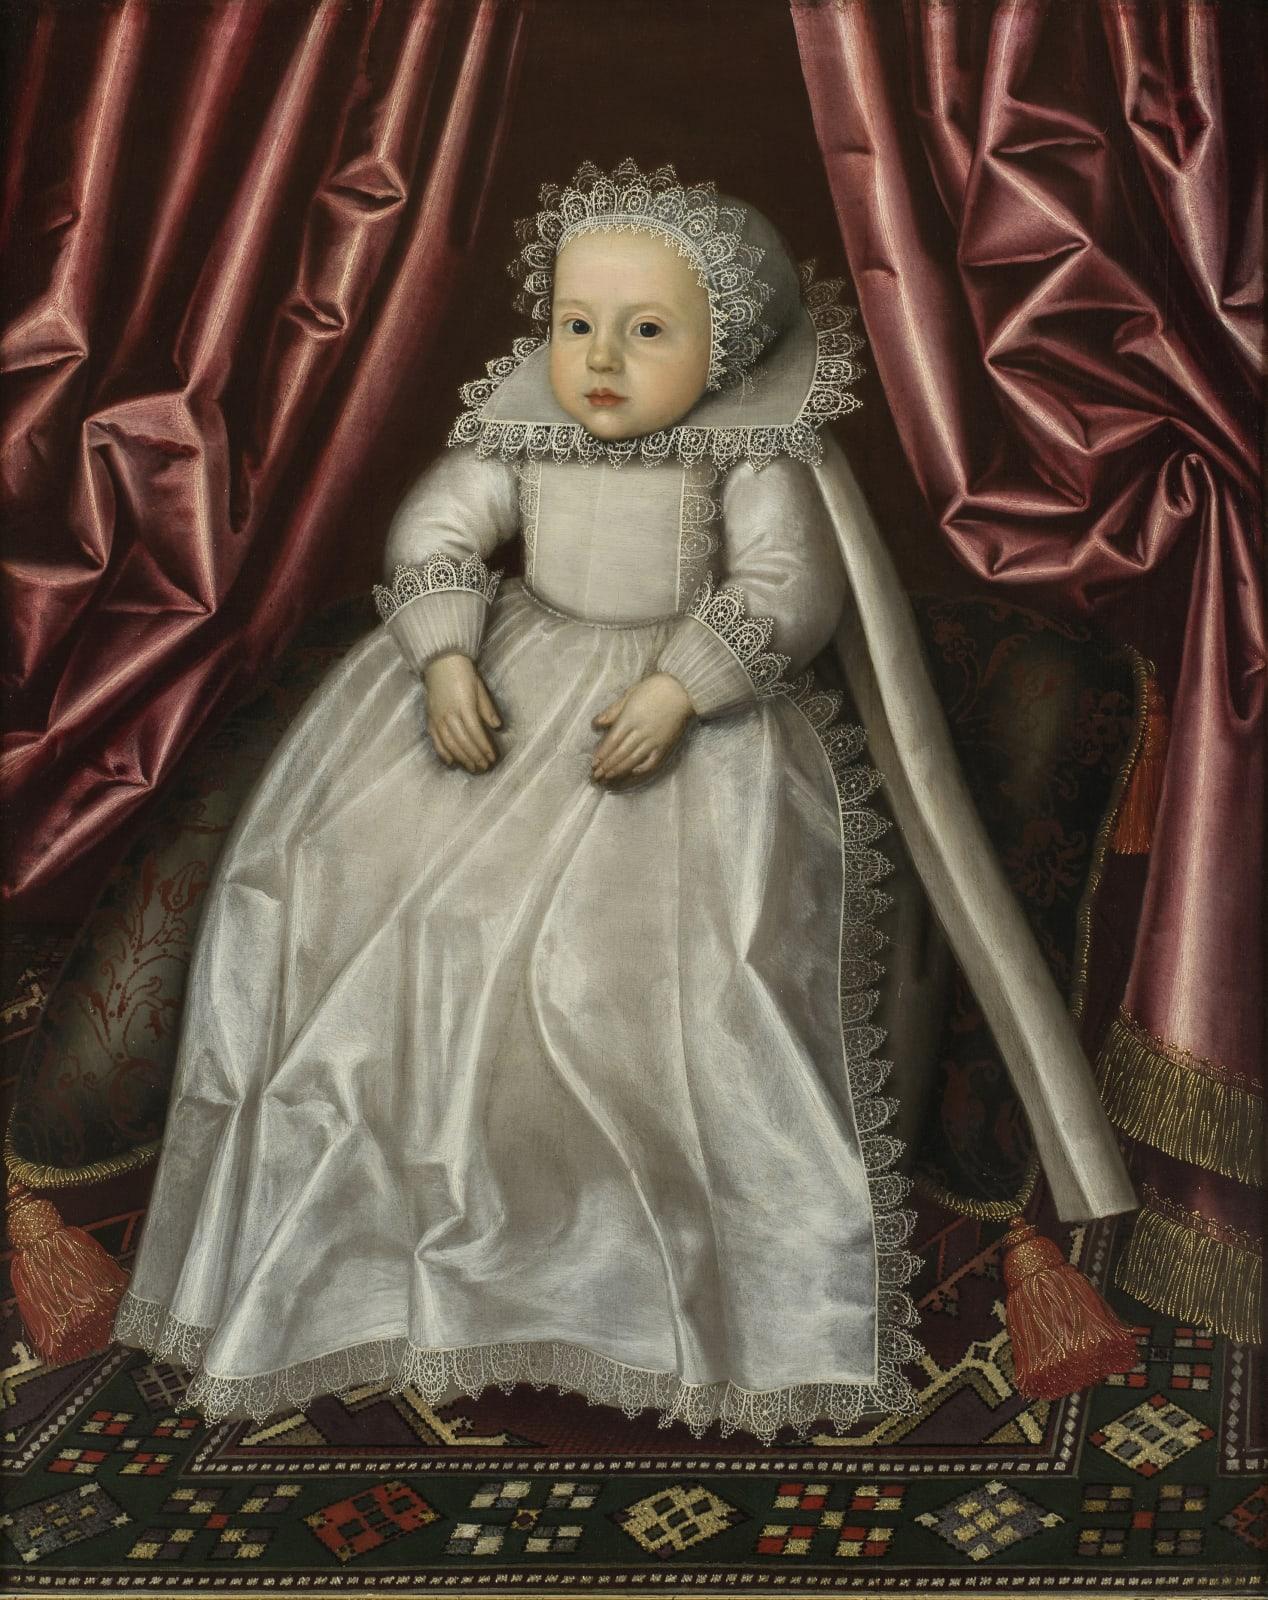 William Larkin (c.1585 – 1619), A Noble Baby, c.1615